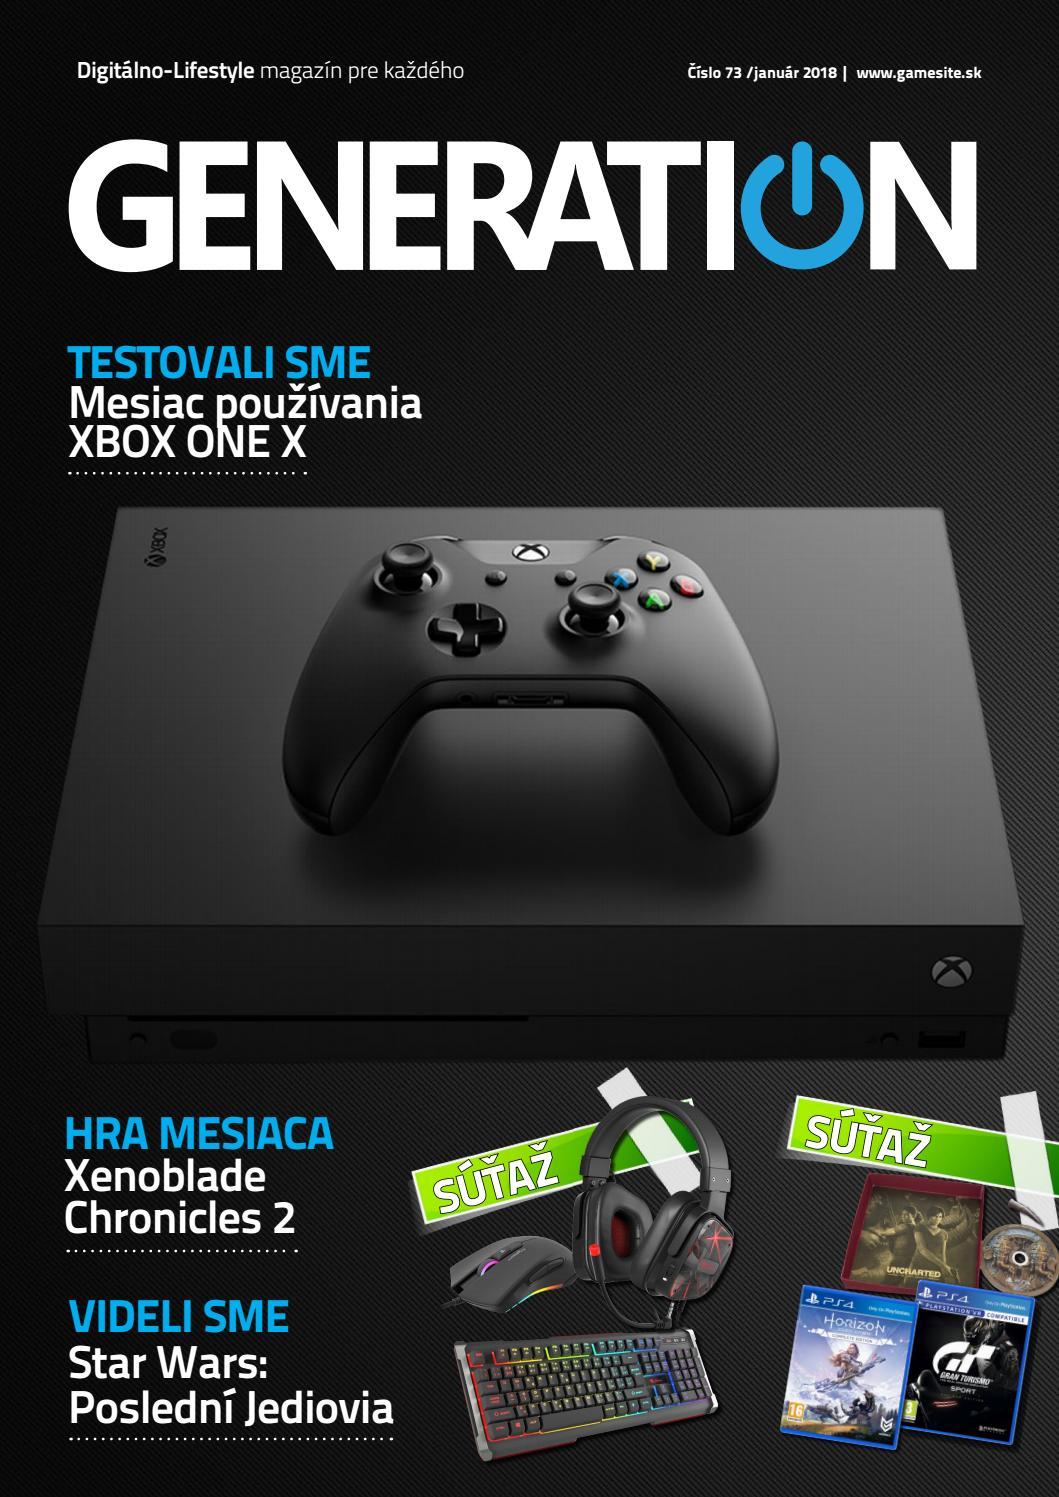 c4a97b790 Generation magazín #073 by Generation magazine - issuu